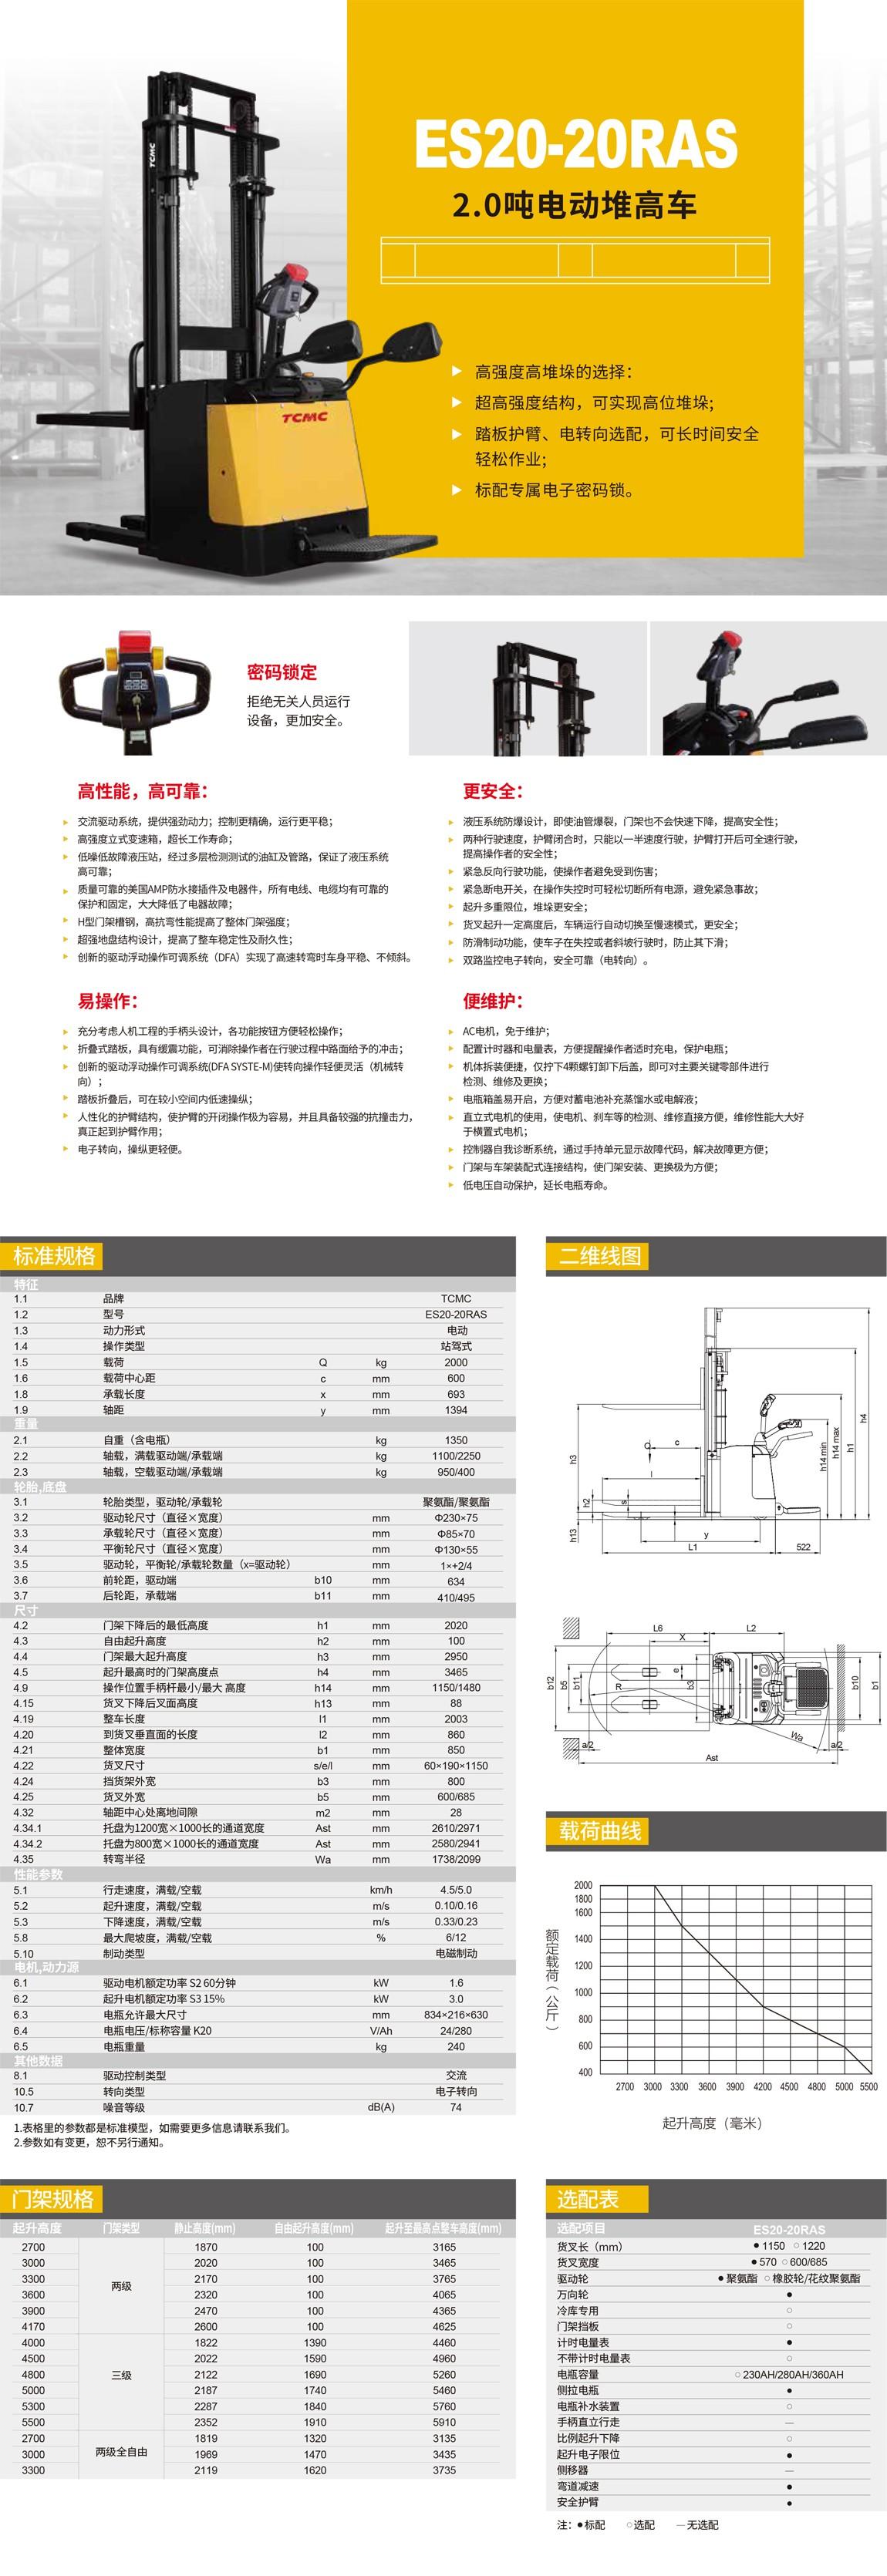 2.0吨电动堆高车-1.jpg